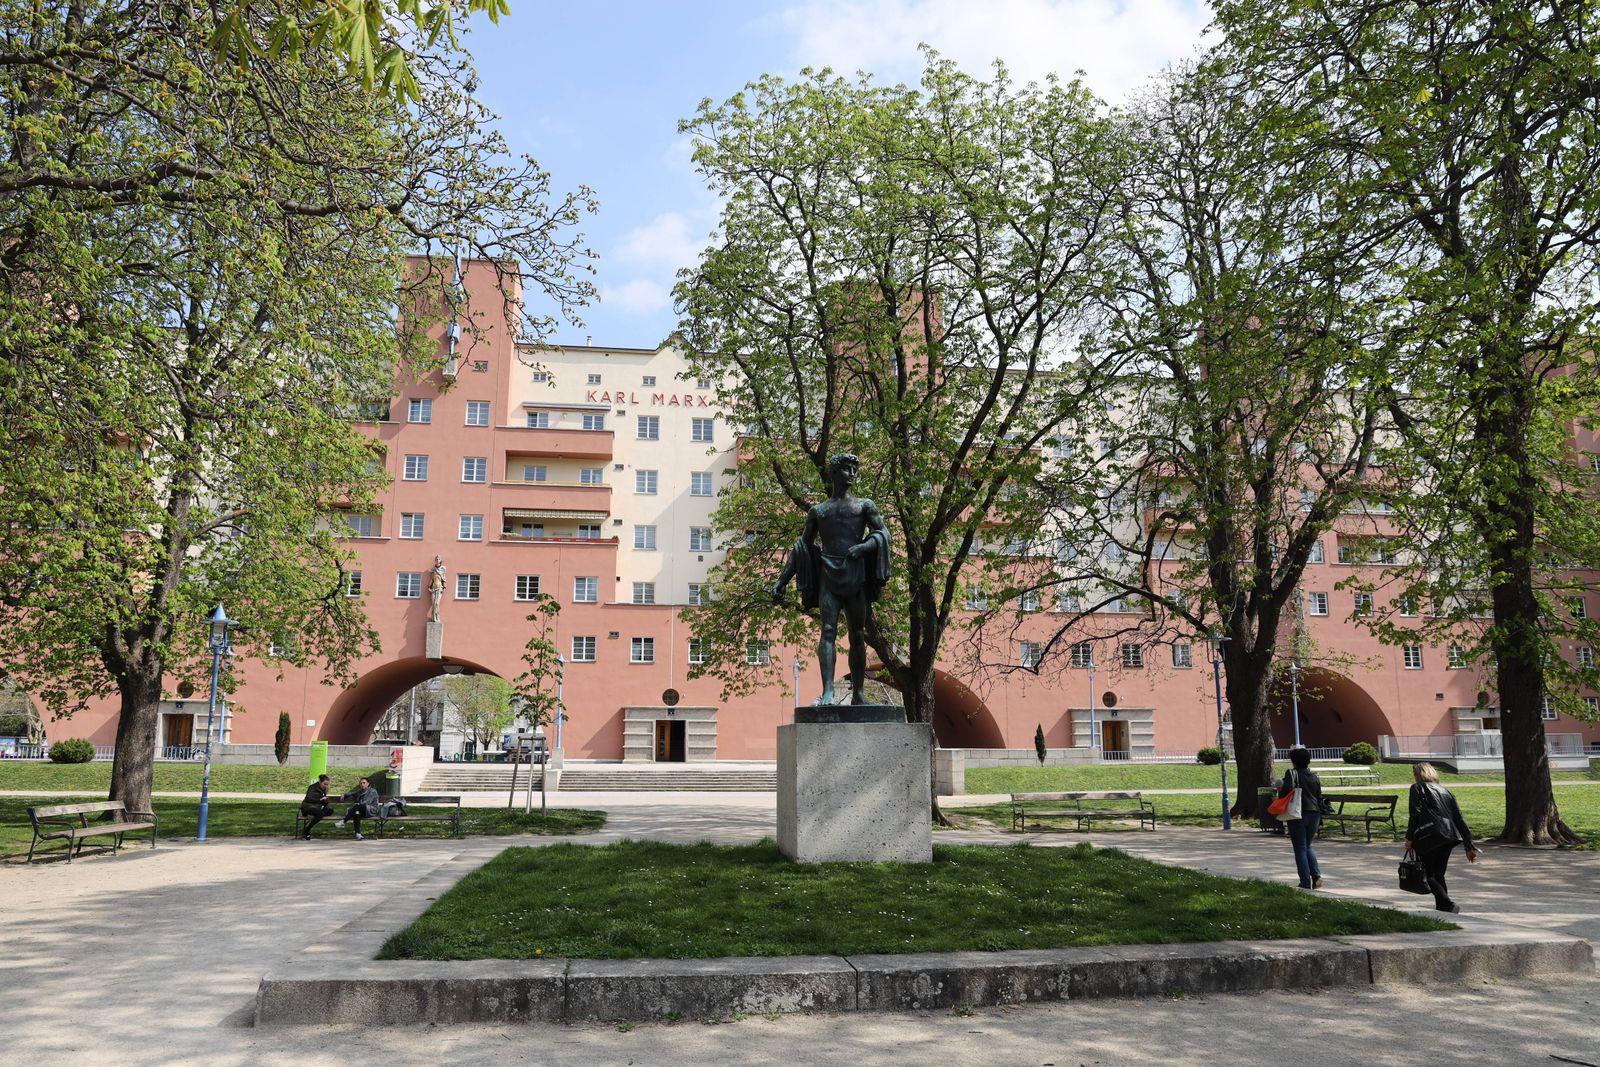 Gemeindebau Karl Marx Hof Wien 09 04 2019 Sozialer Wohnbau Gemeindebau *** Gemeindebau Karl Mar